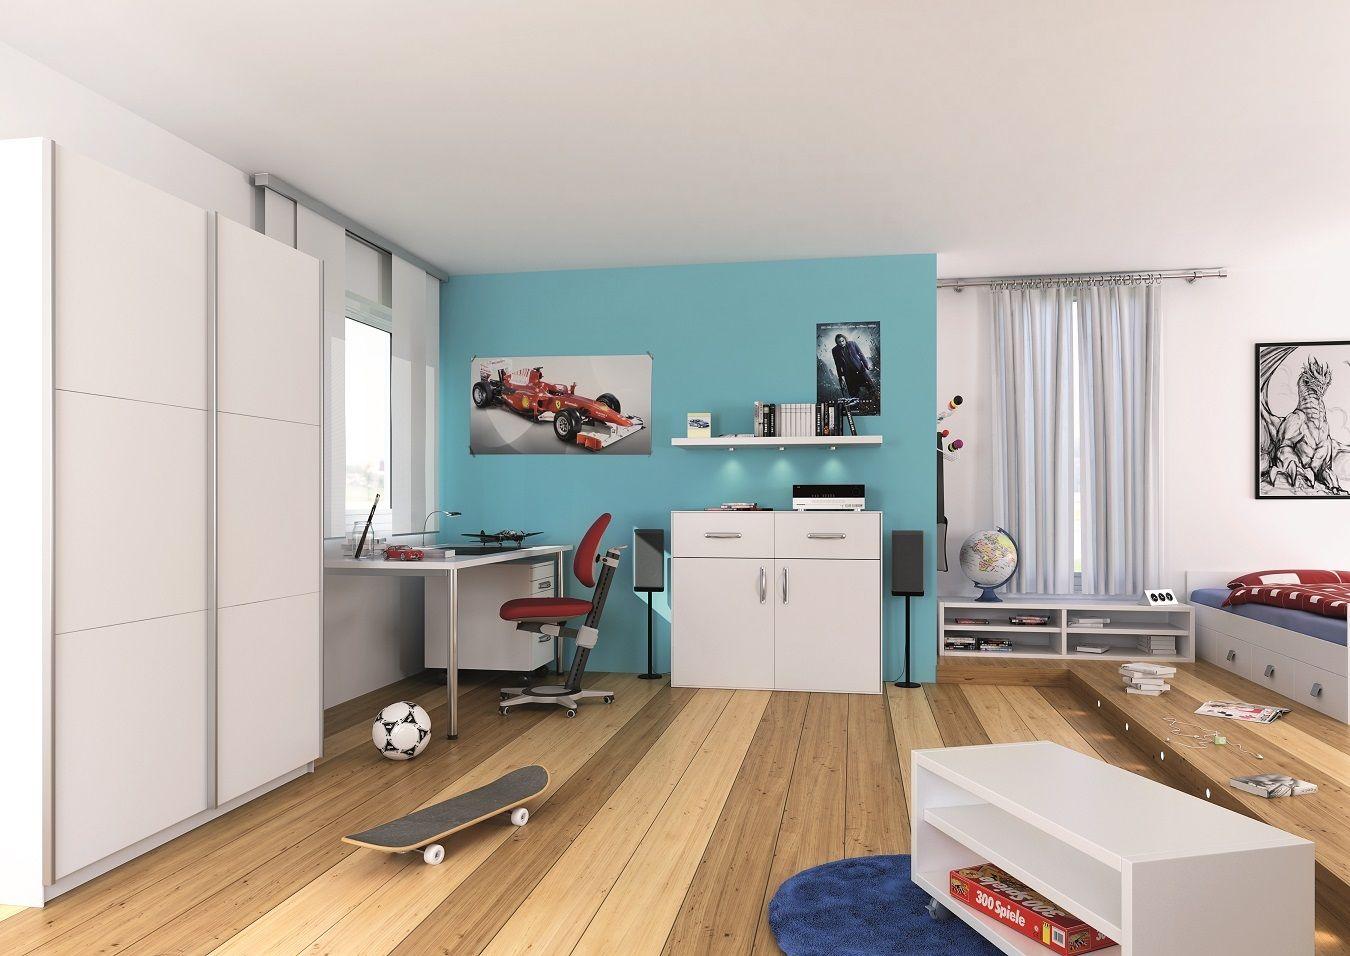 Tischlerei Neumünster möbel für kinder und jugendzimmer müssen robust standsicher und